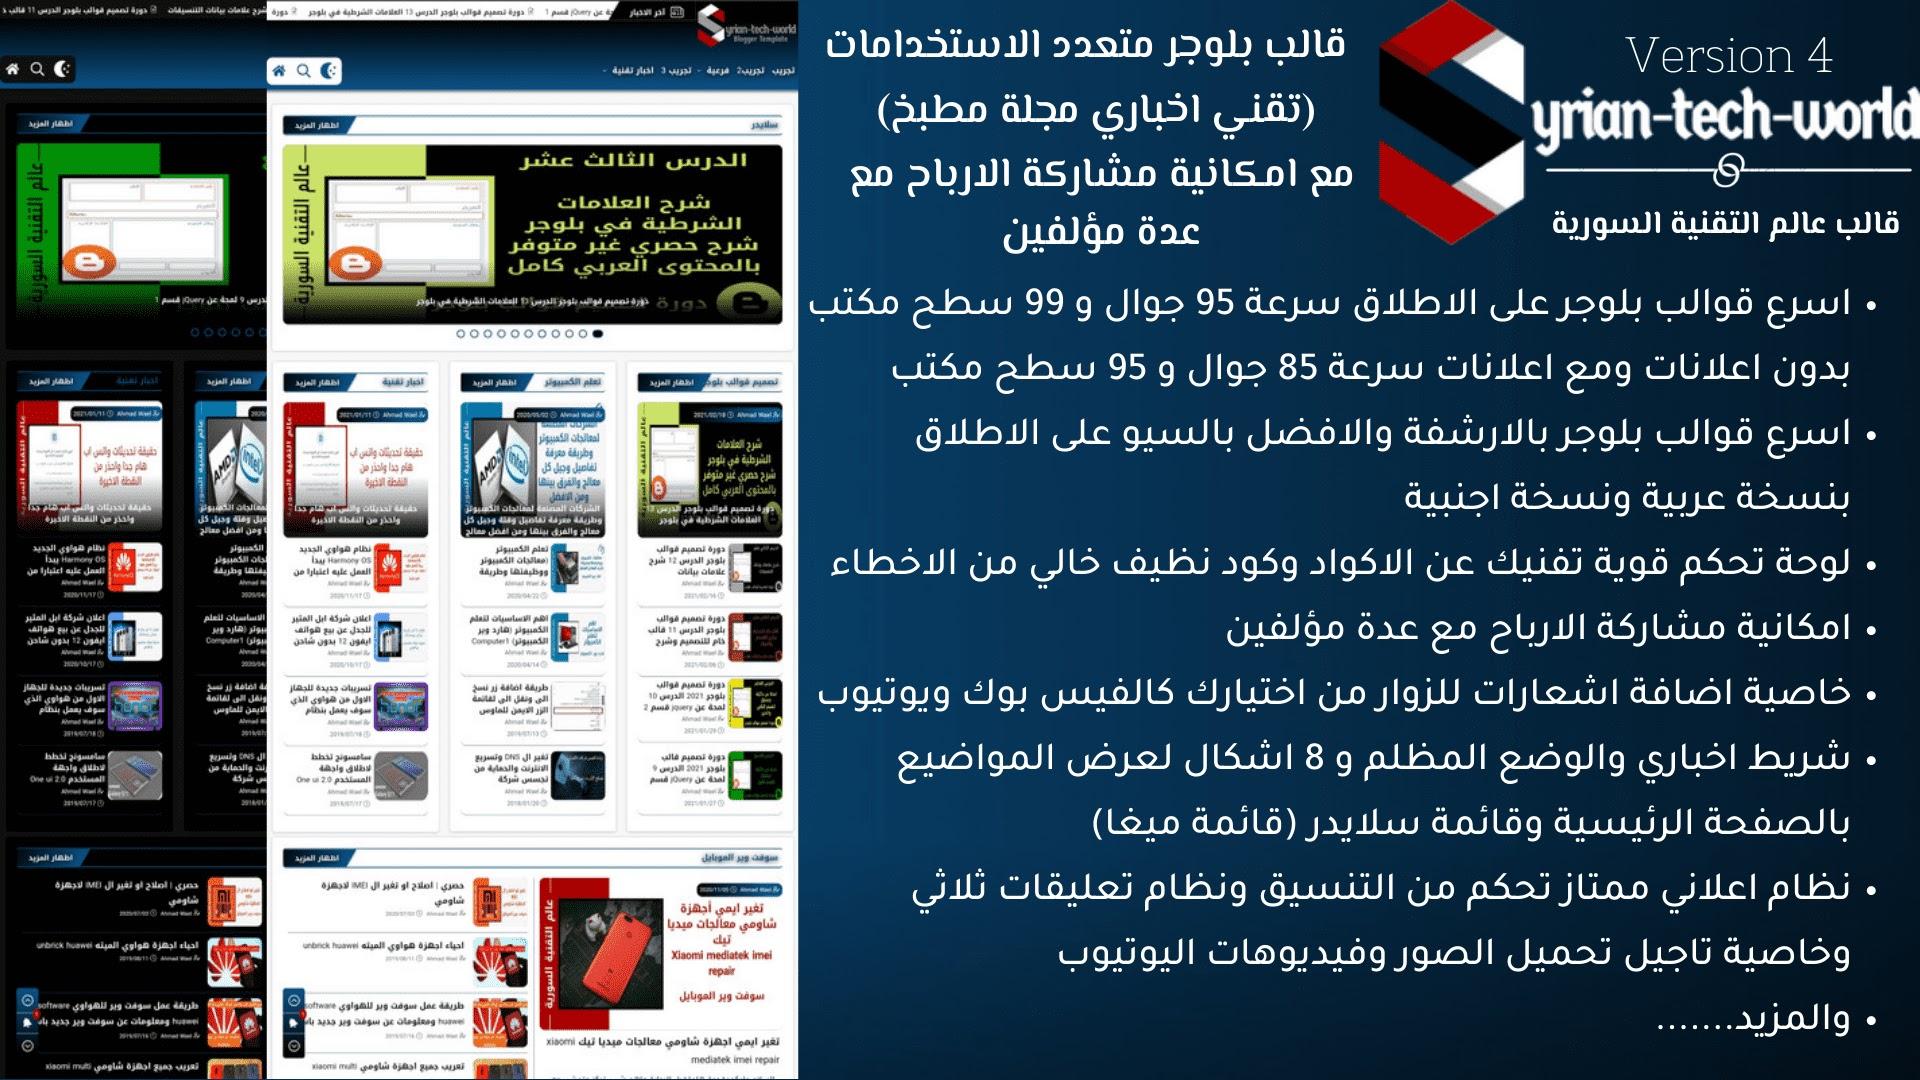 قالب عالم التقنية السورية قالب بلوجر